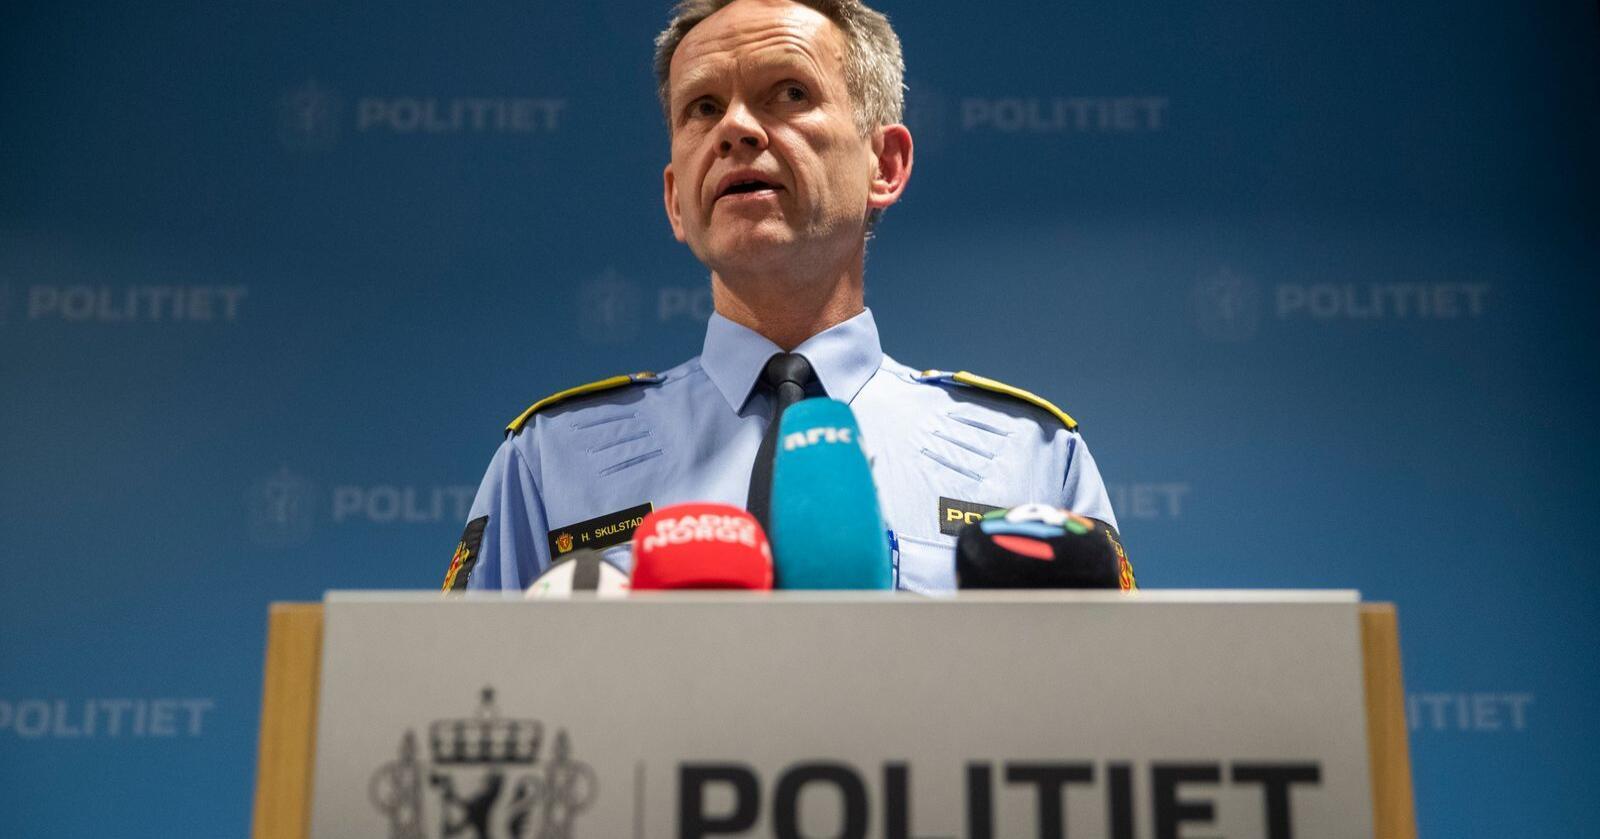 Assisterende politidirektør Håkon Skulstad sier politiet må sikre sin operative evne og bidra til å hindre smittespredning ved å stenge alle publikumstjenester i to uker fra og med fredag. Arkivfoto: Berit Roald / NTB scanpix